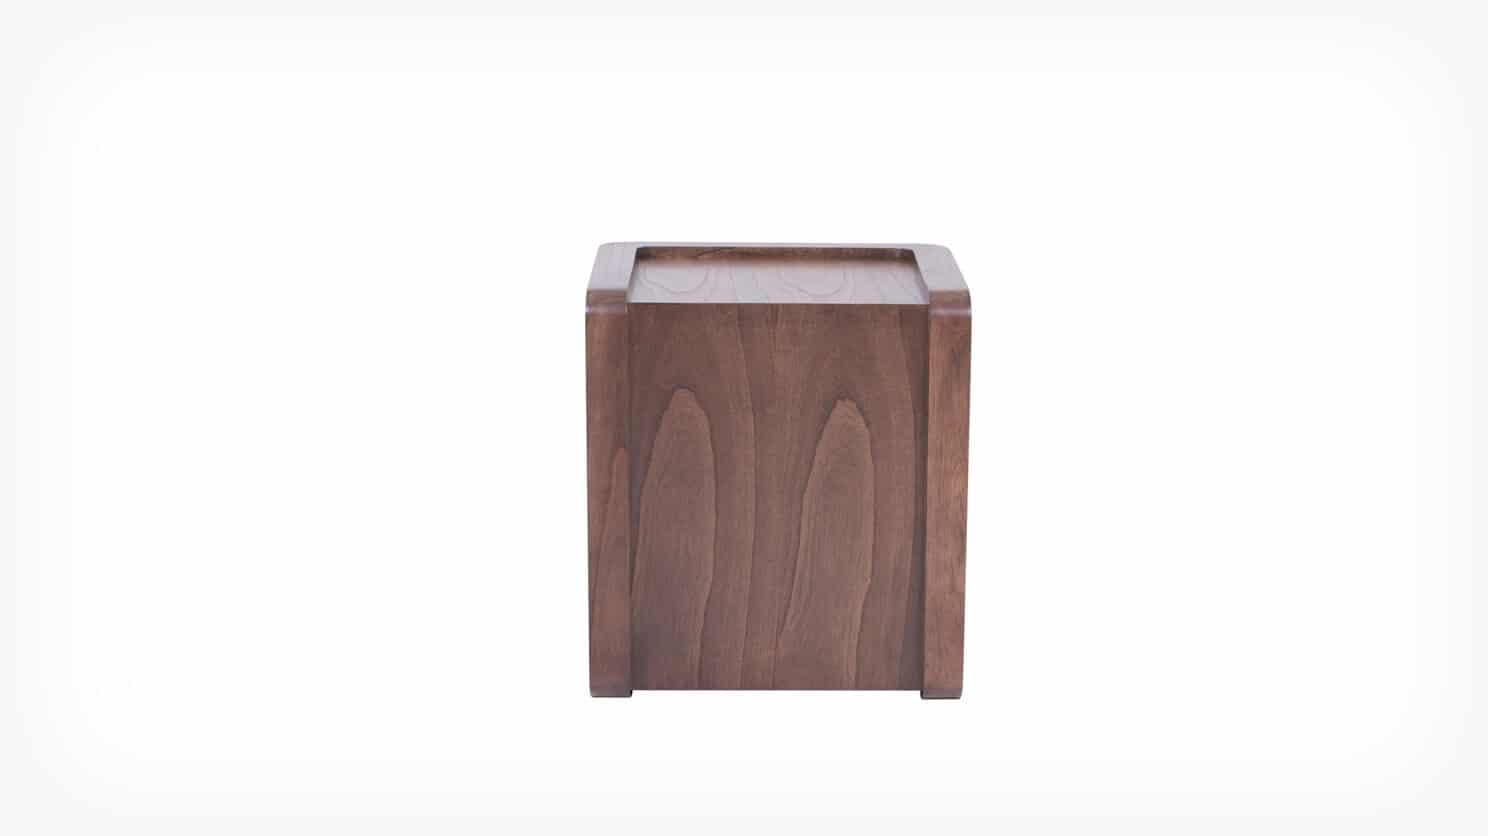 5080 432 14 par 4 nightstands burrows c nightstand java back